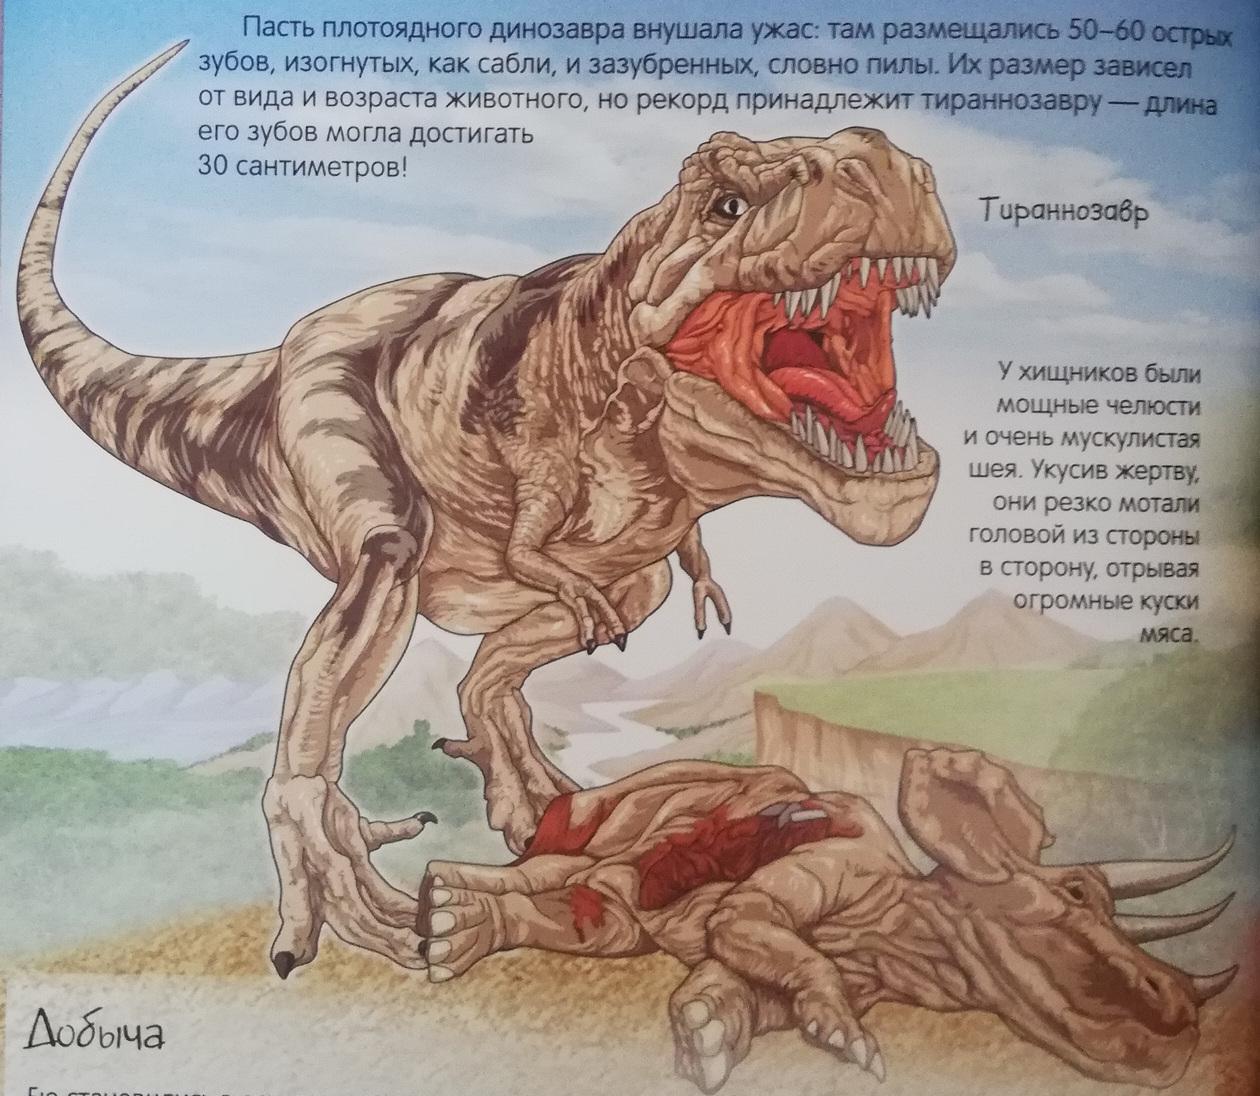 Илл. из книги К. Богаэра «Динозавры. Нескучная энциклопедия». 2016